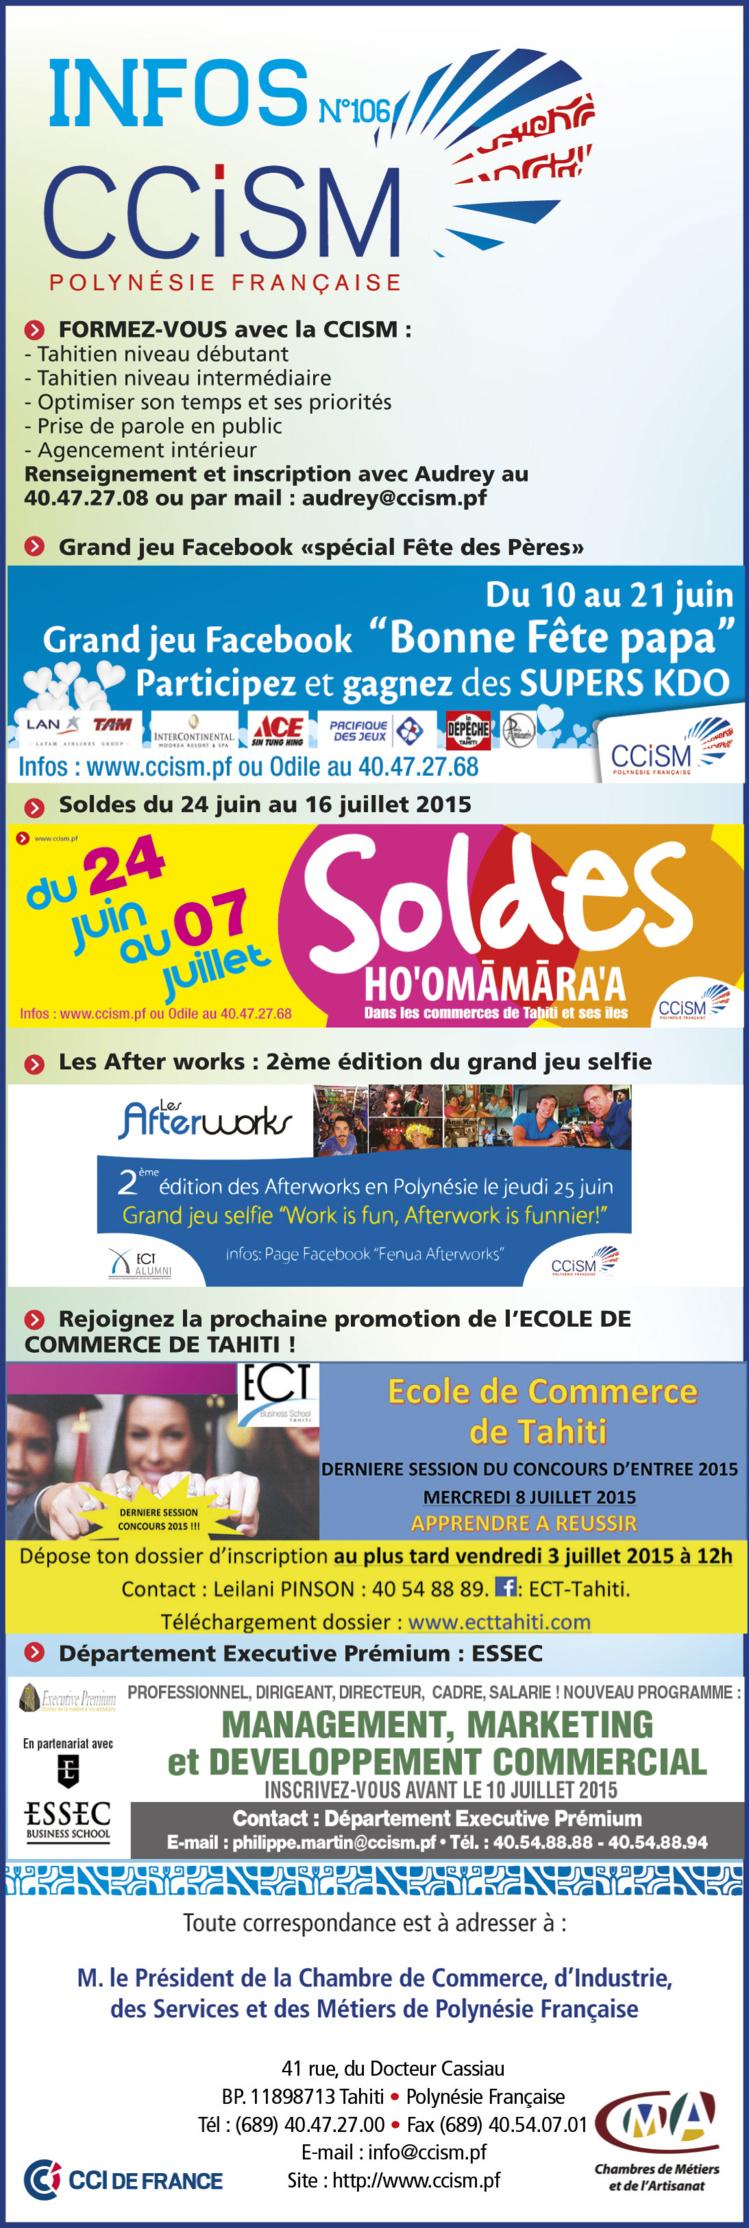 Infos CCISM n°106